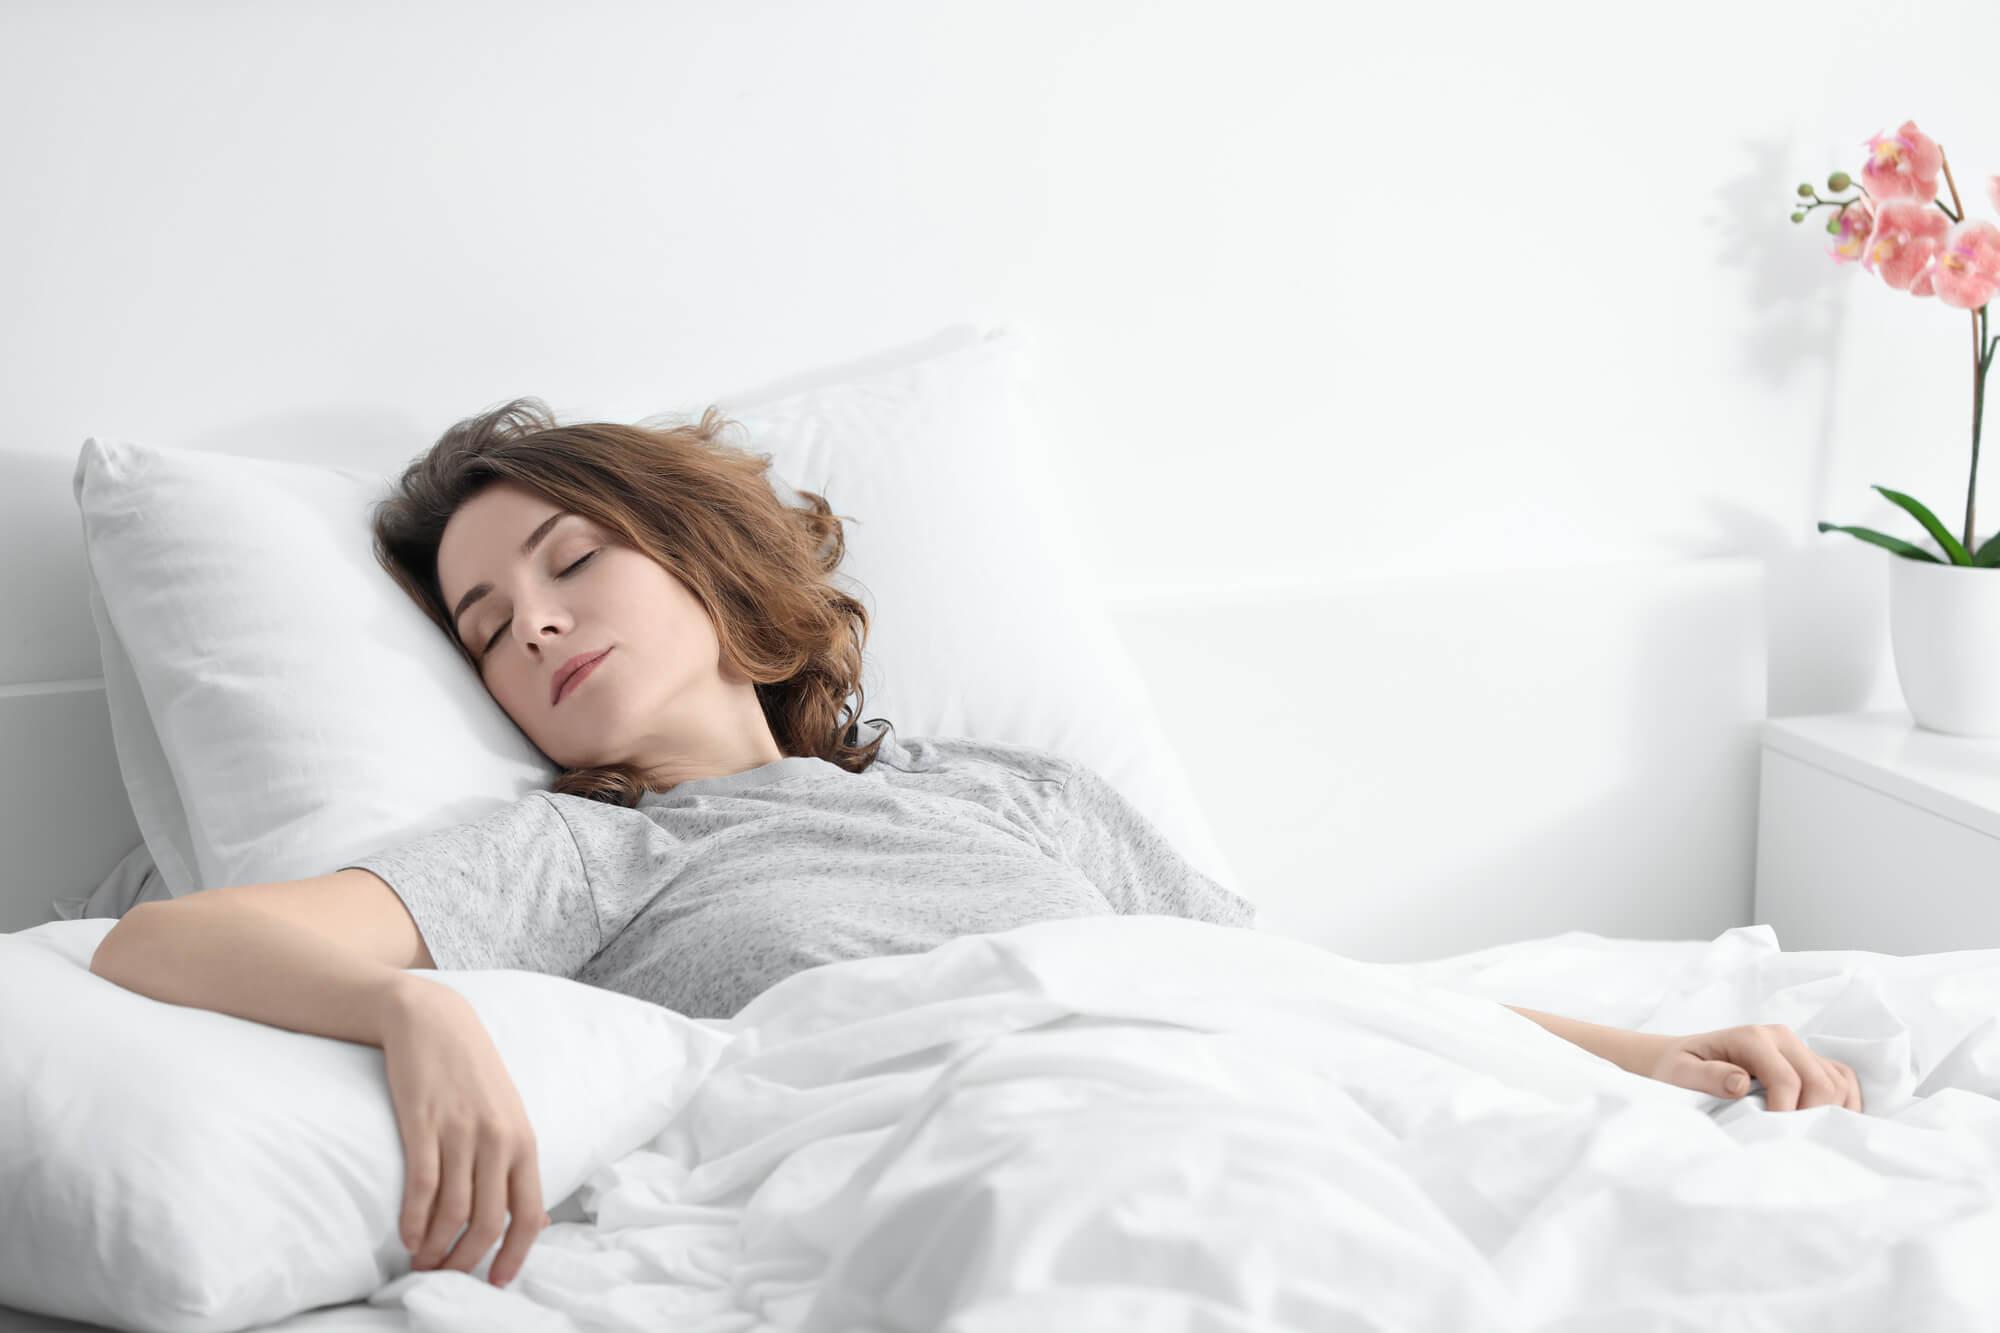 Empregado doméstico que dorme no emprego